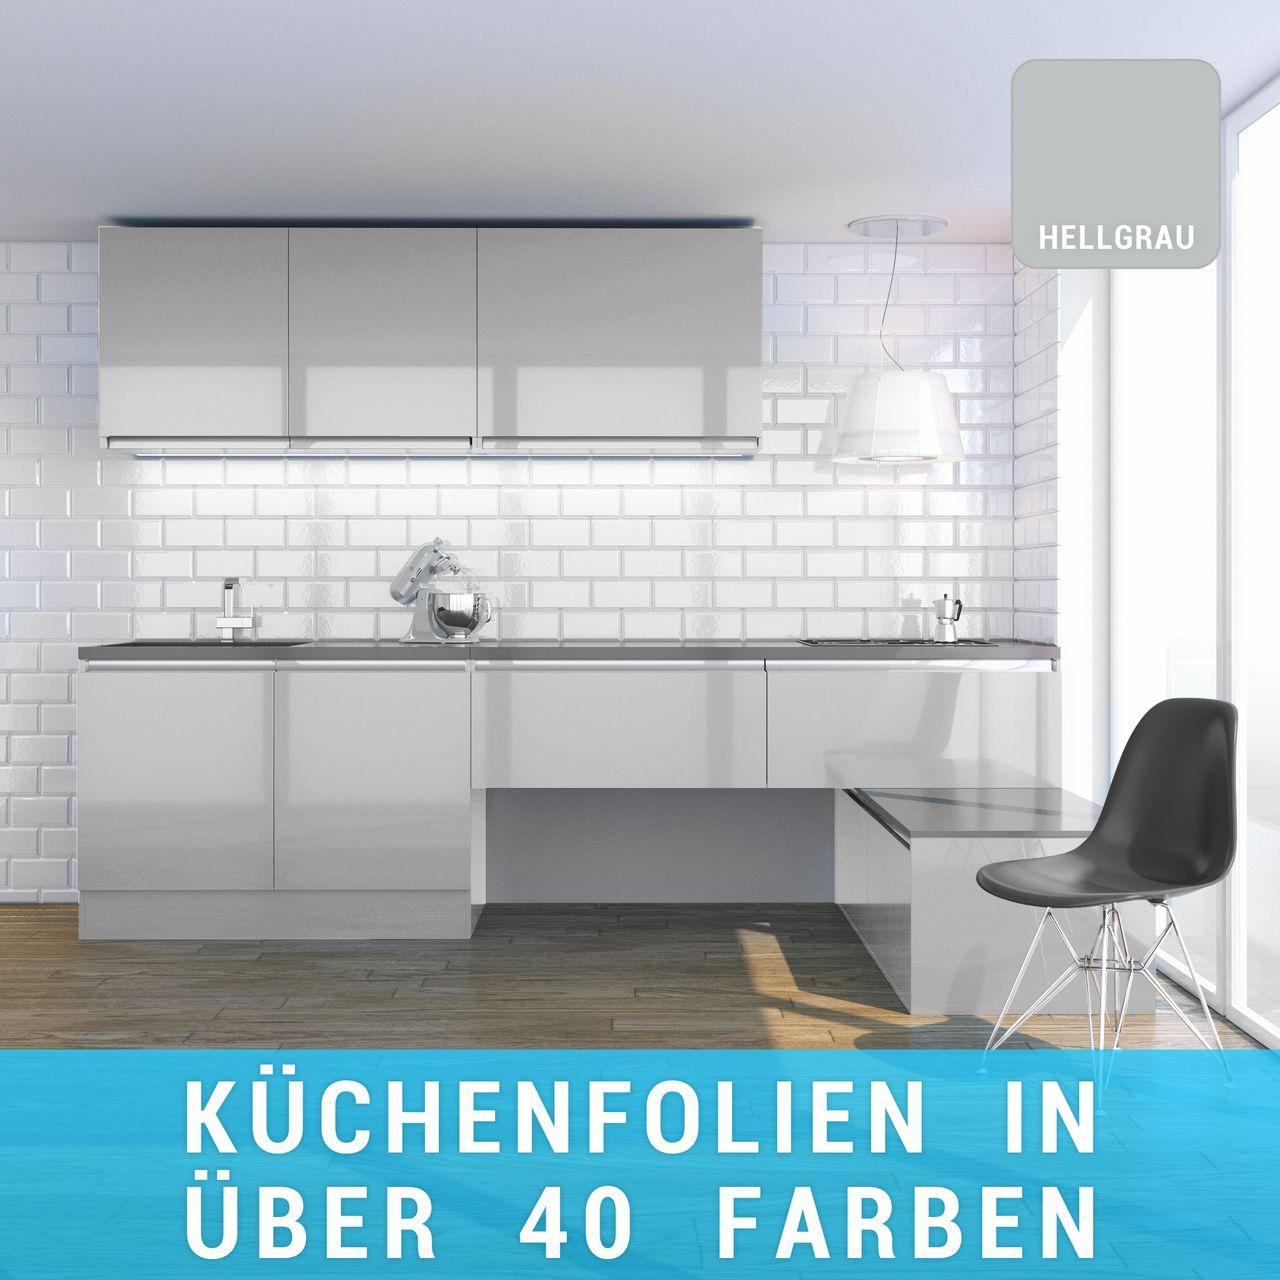 Küchenfolie hellgrau online bestellen   stickerhelden.de